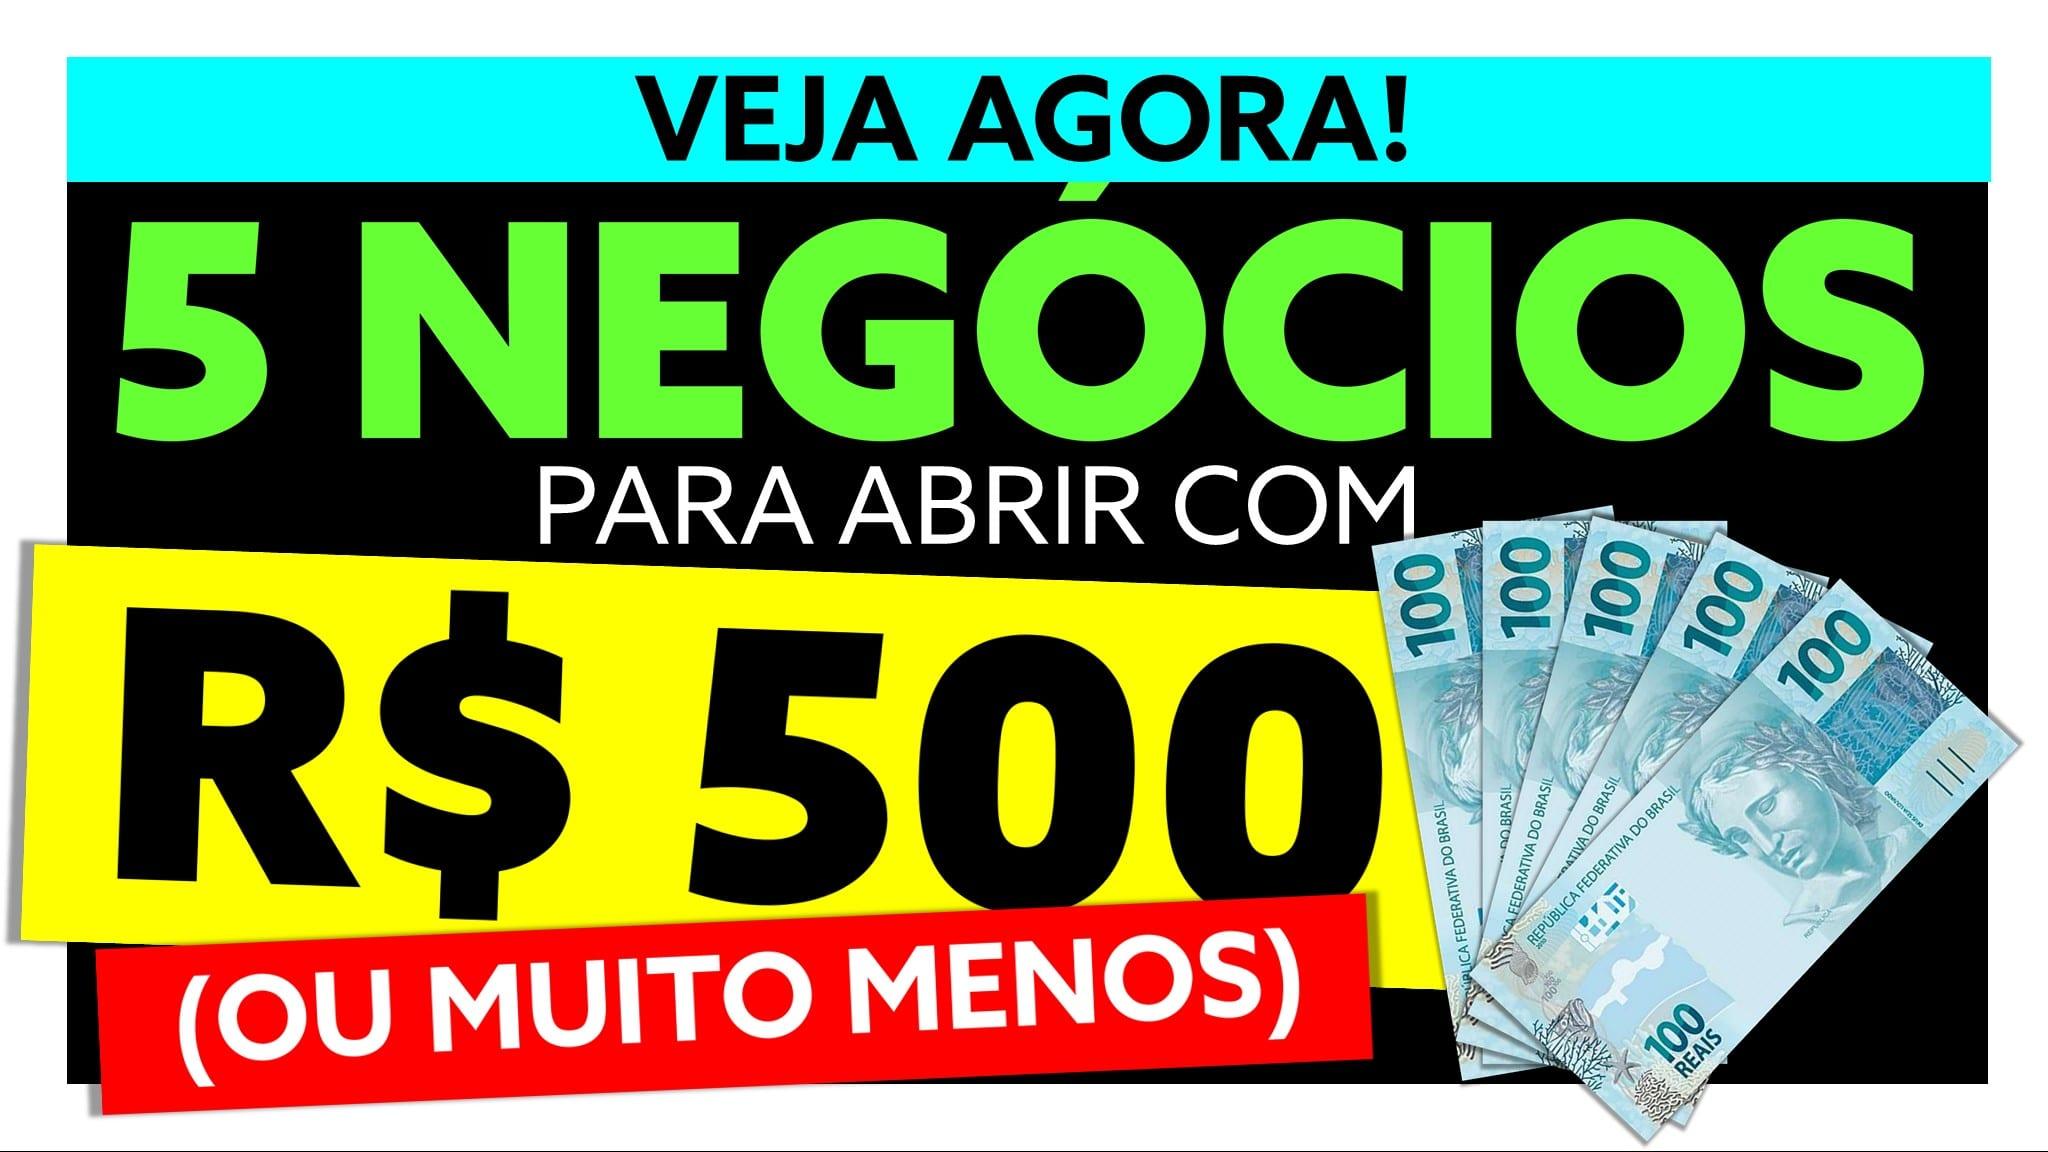 5 Negócios para abrir com 500 reais (ou muito menos)